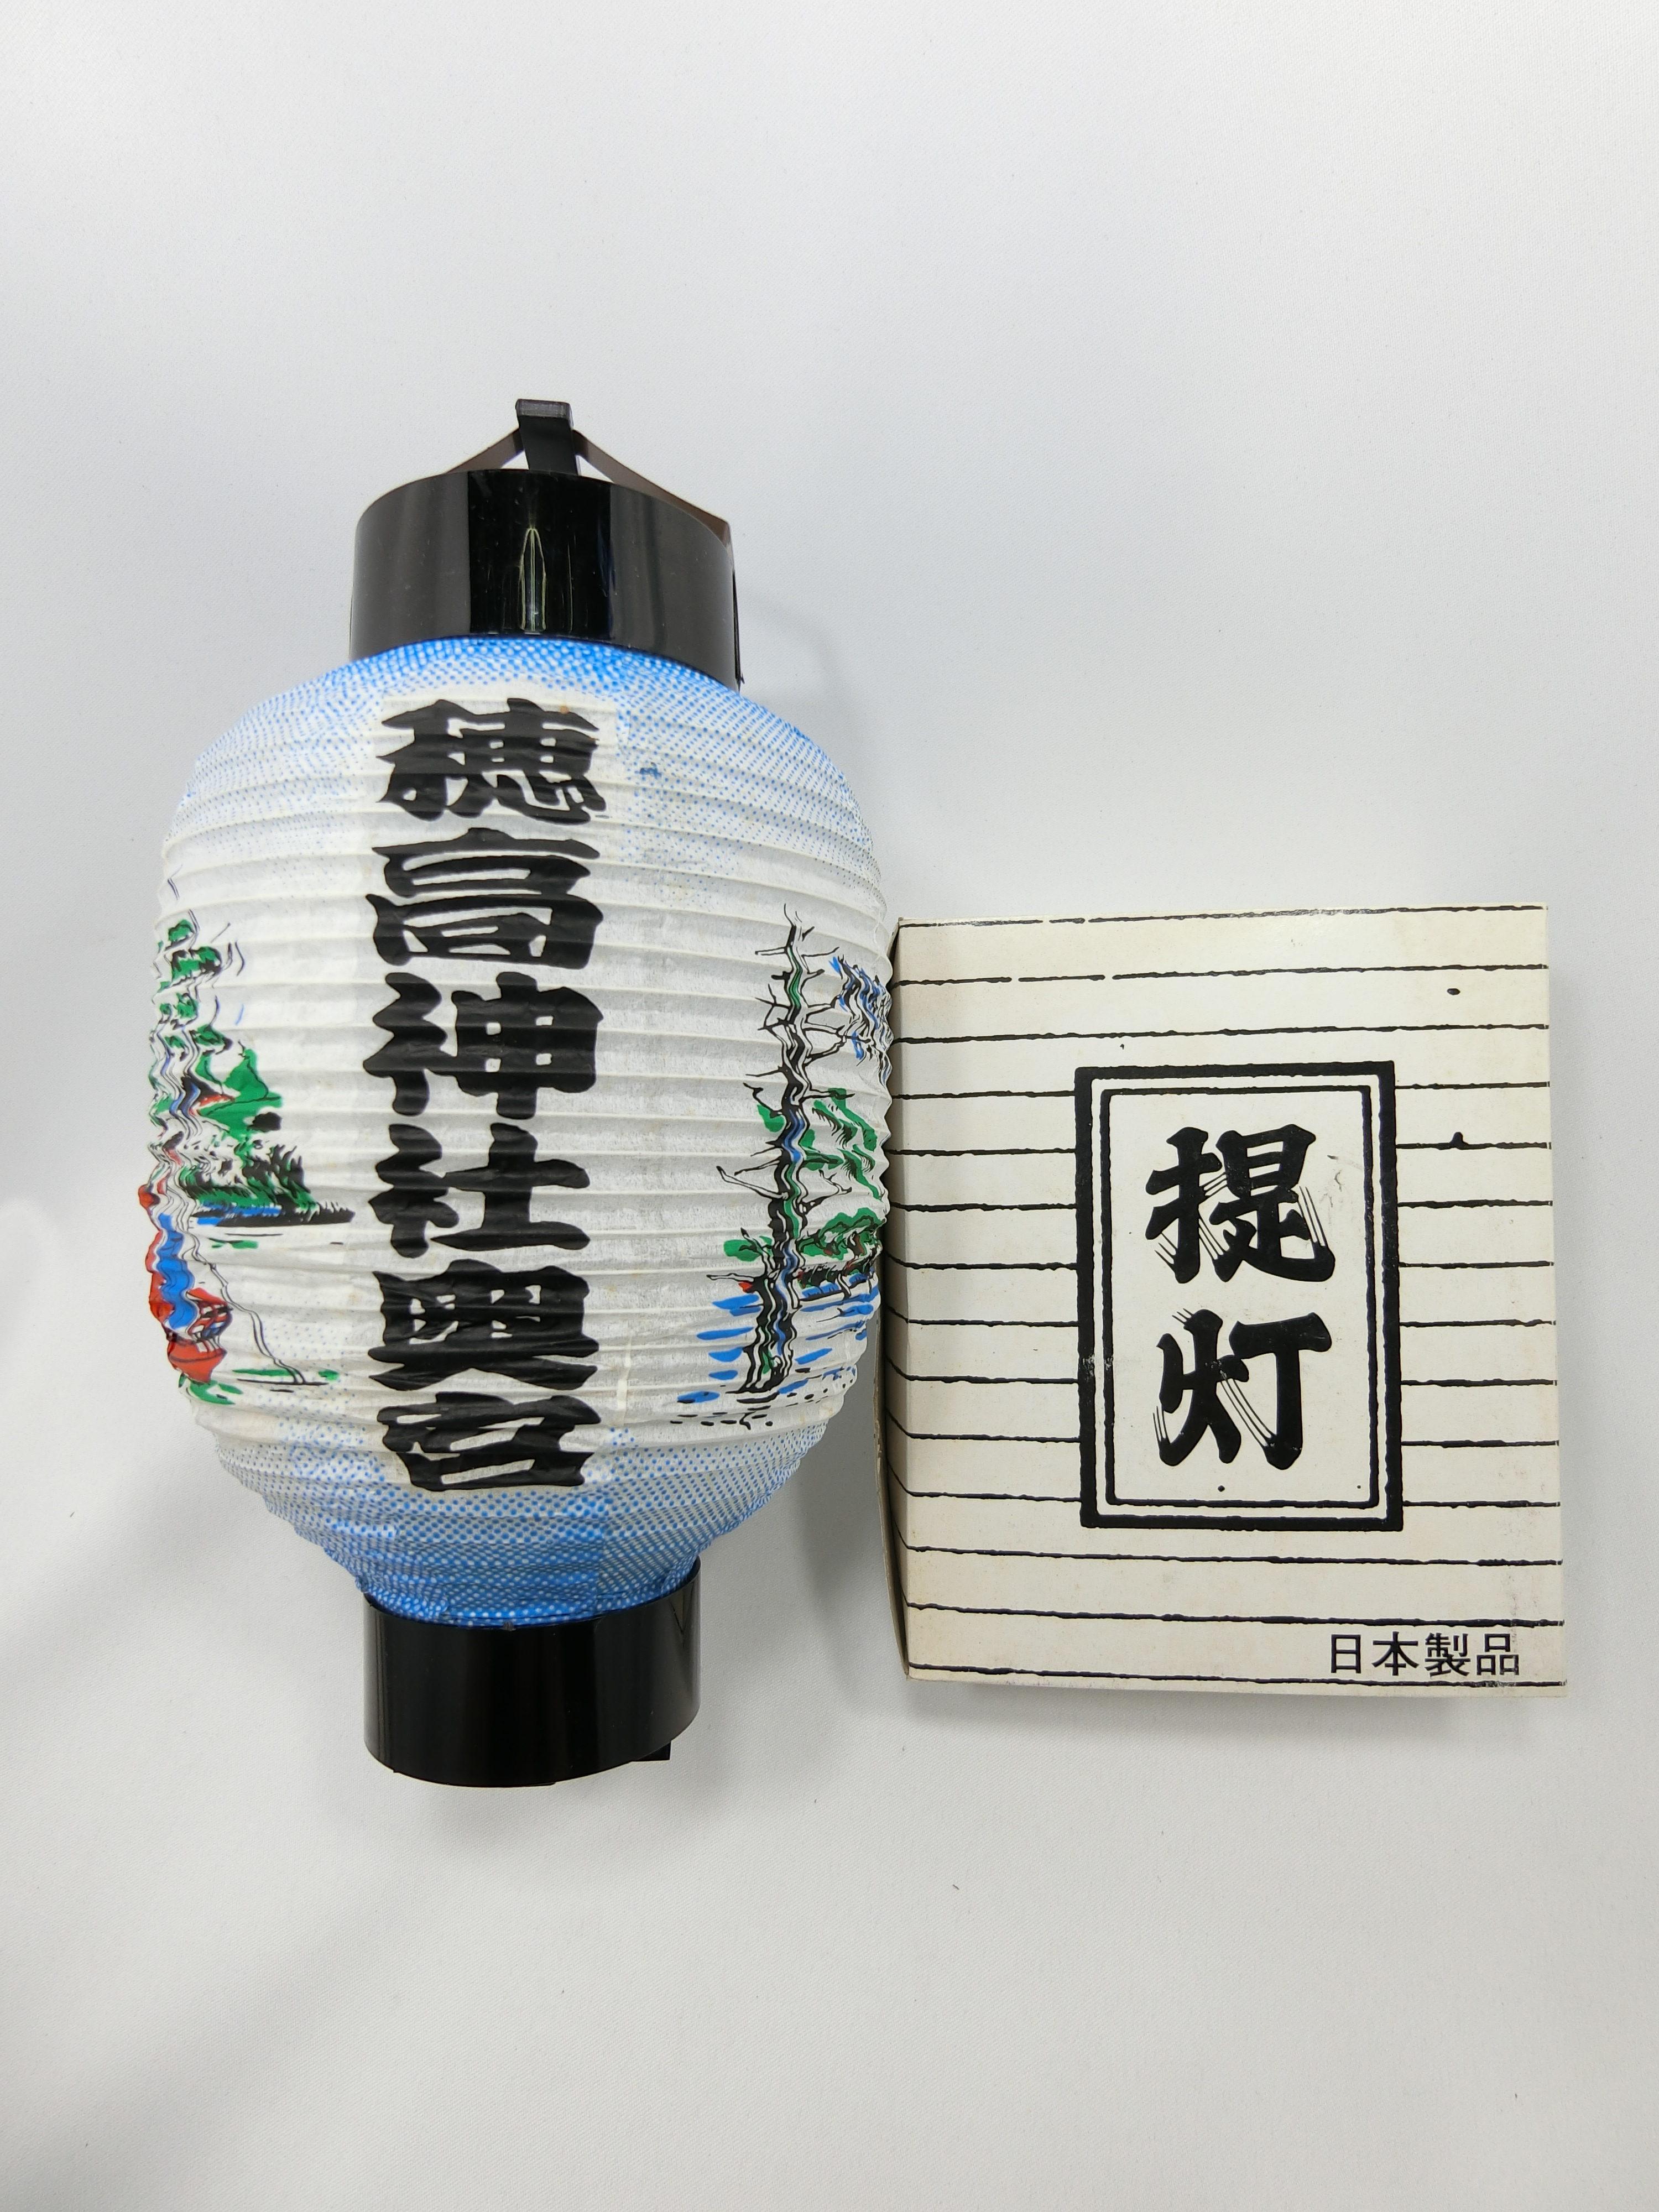 穂高神社奥宮(箱付)